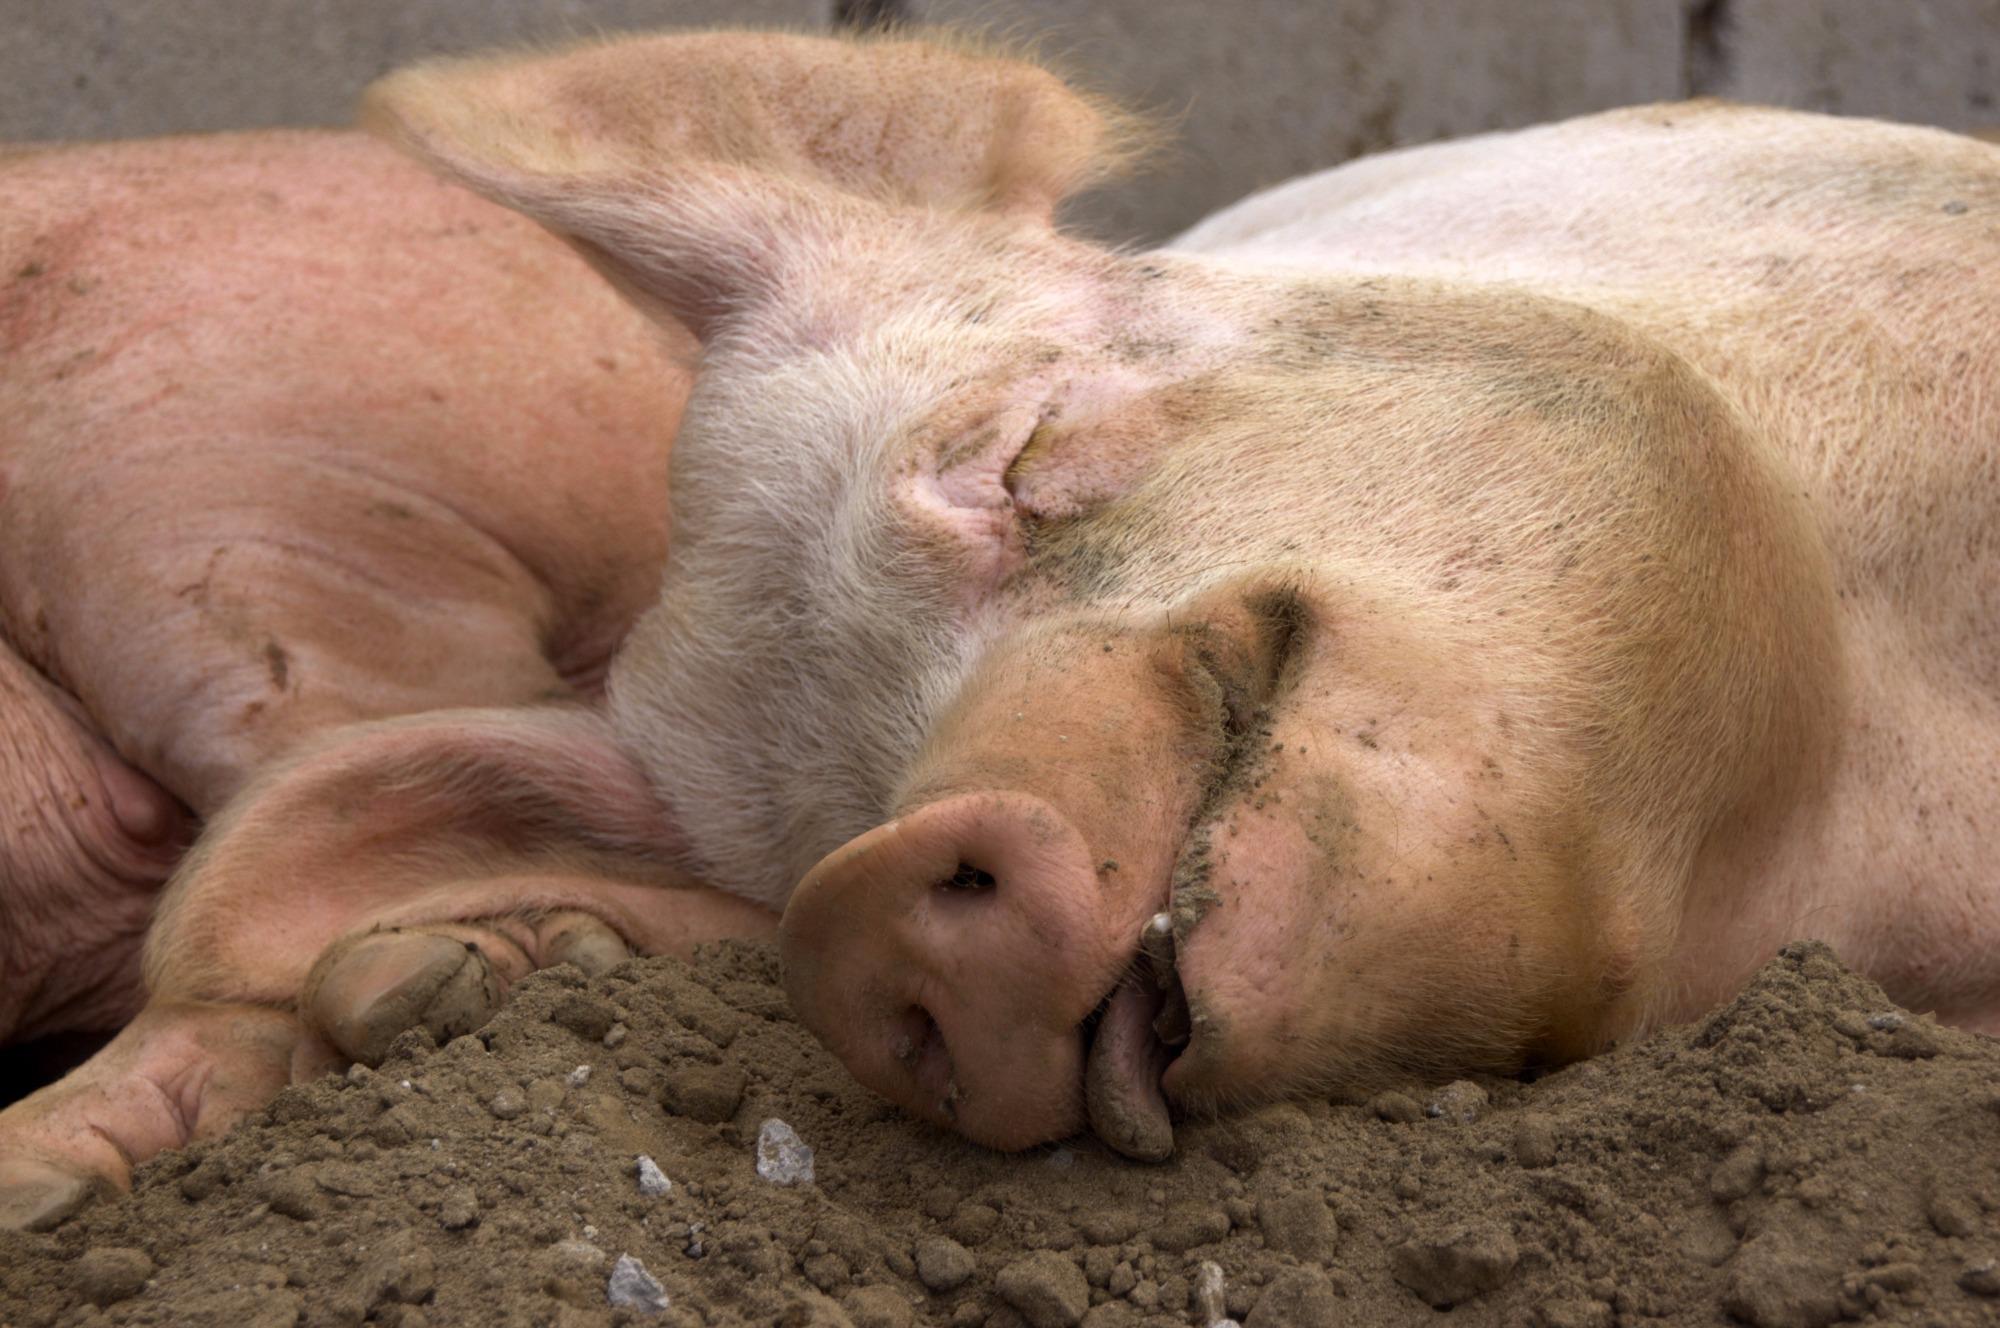 Sexto caso de peste suína clássica é confirmado no Japão